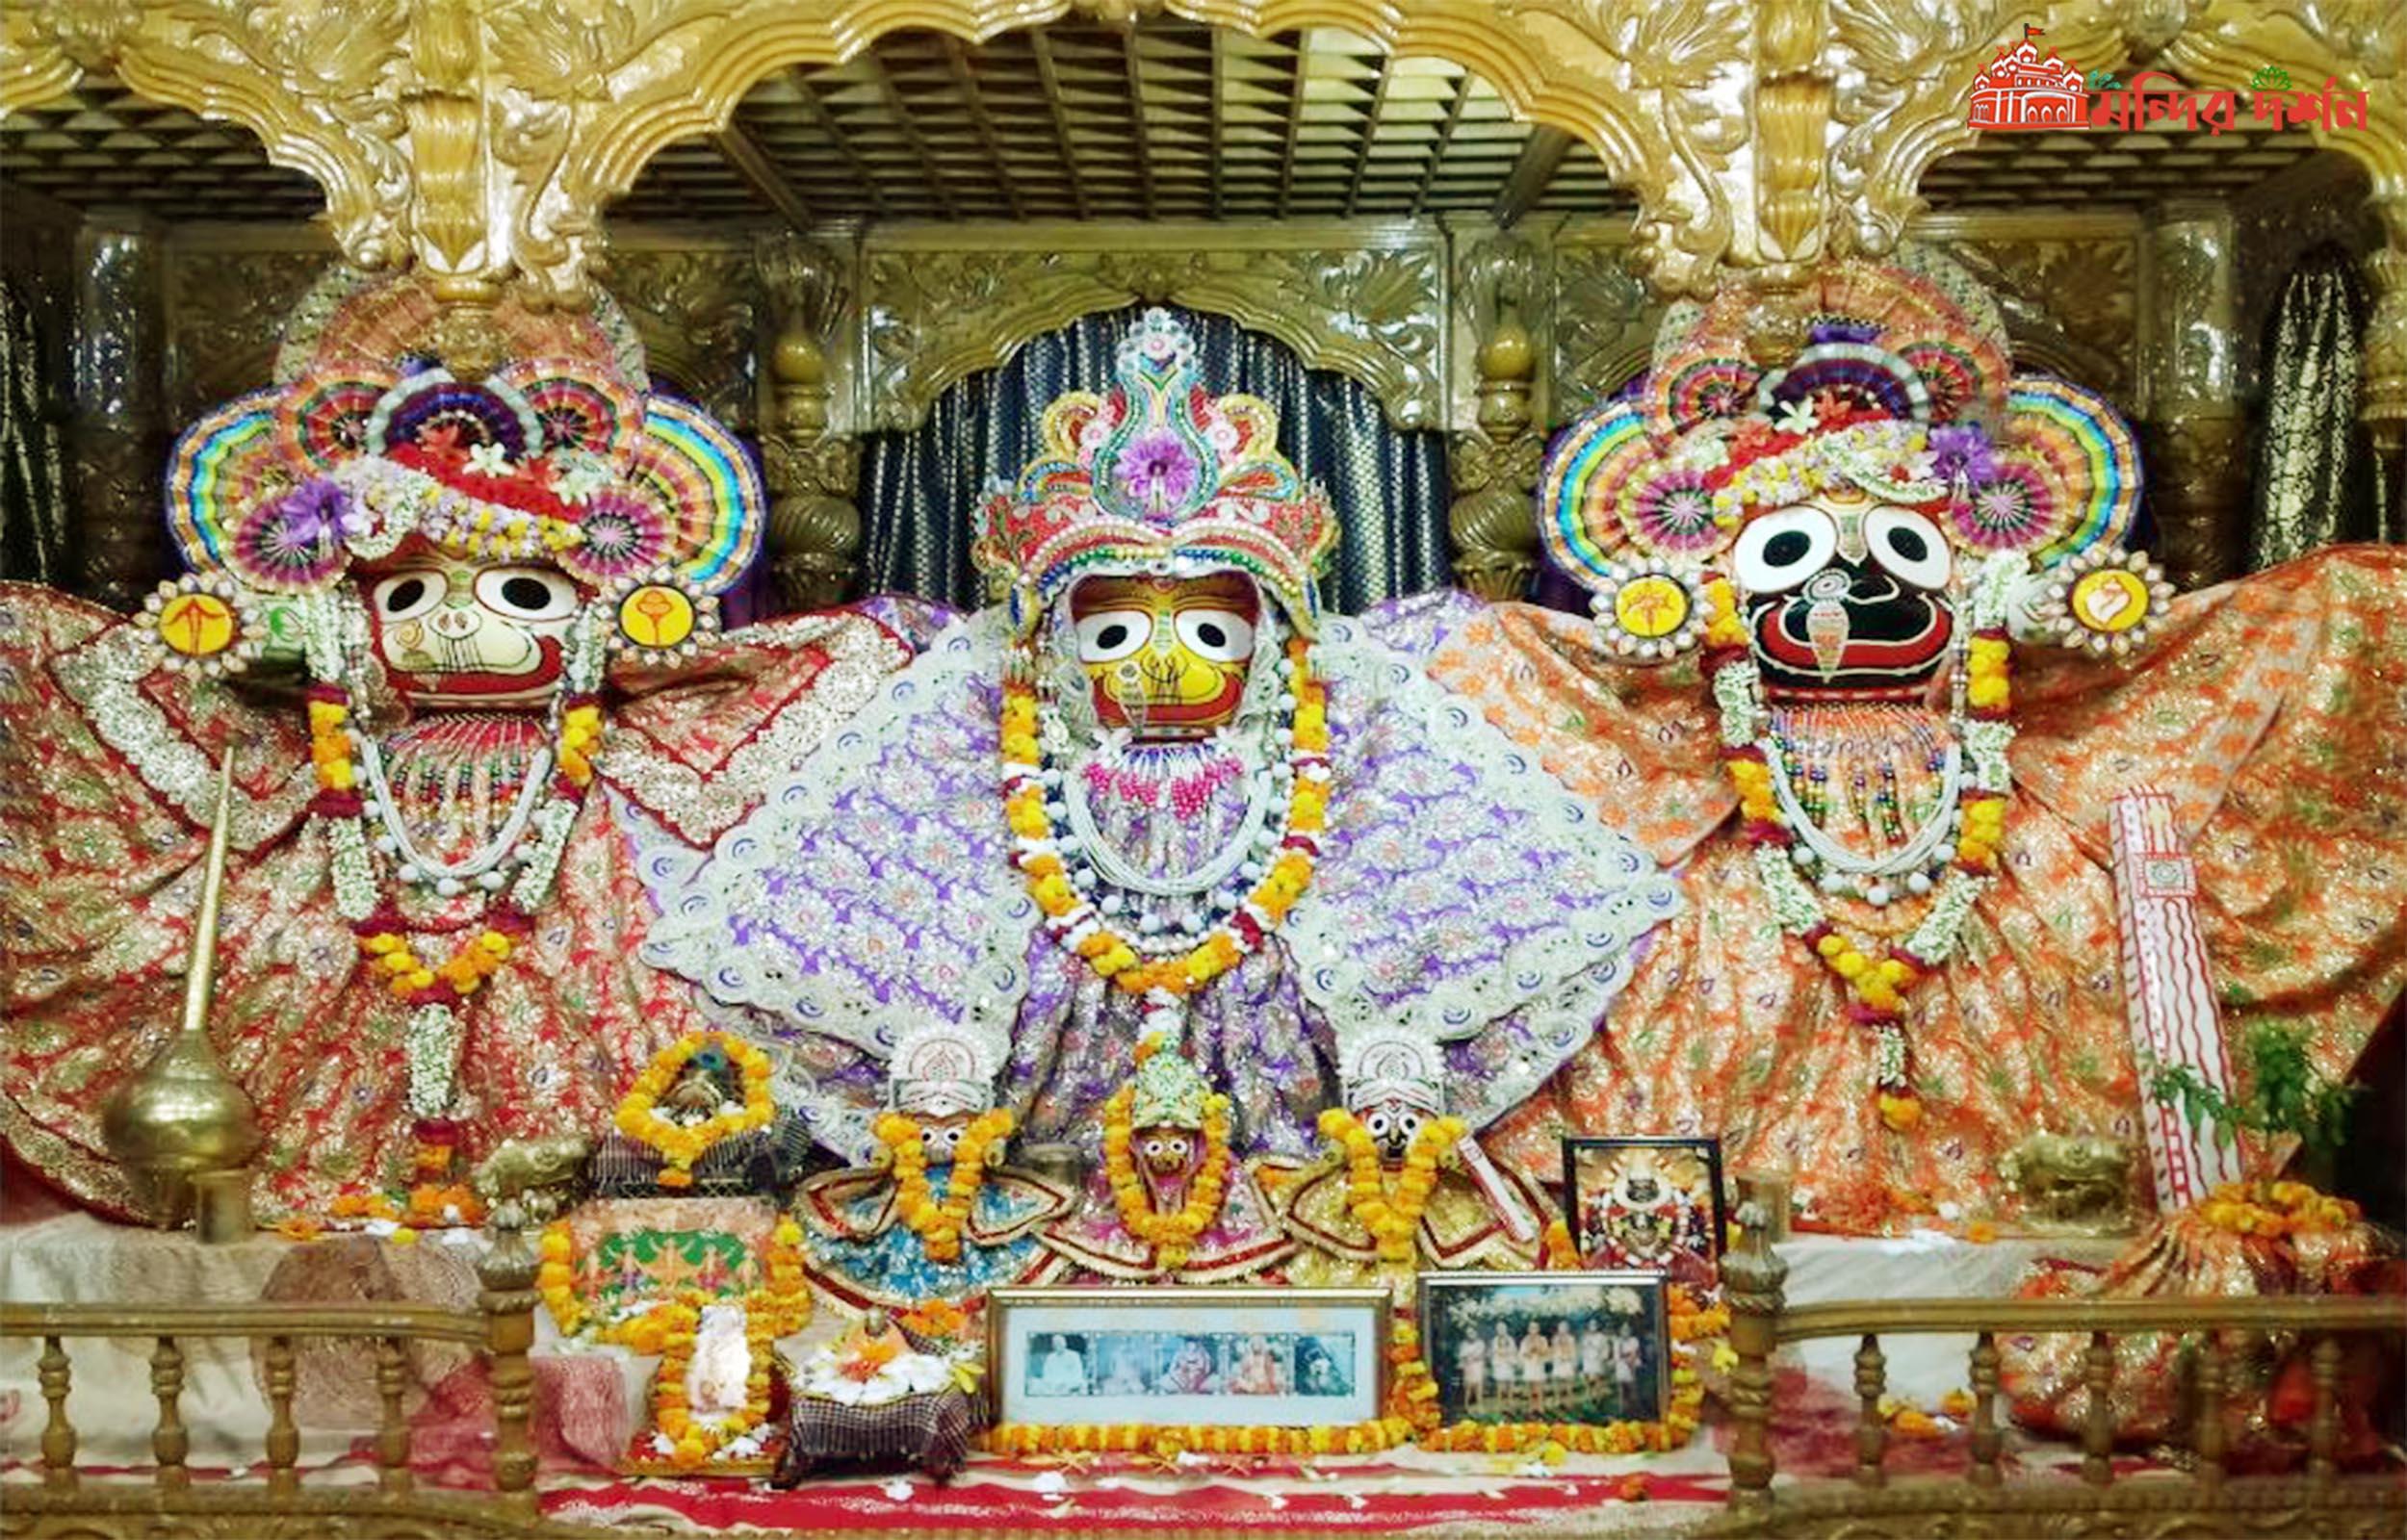 জগন্নাথ মন্দির বা সতেরো রত্ন মন্দির